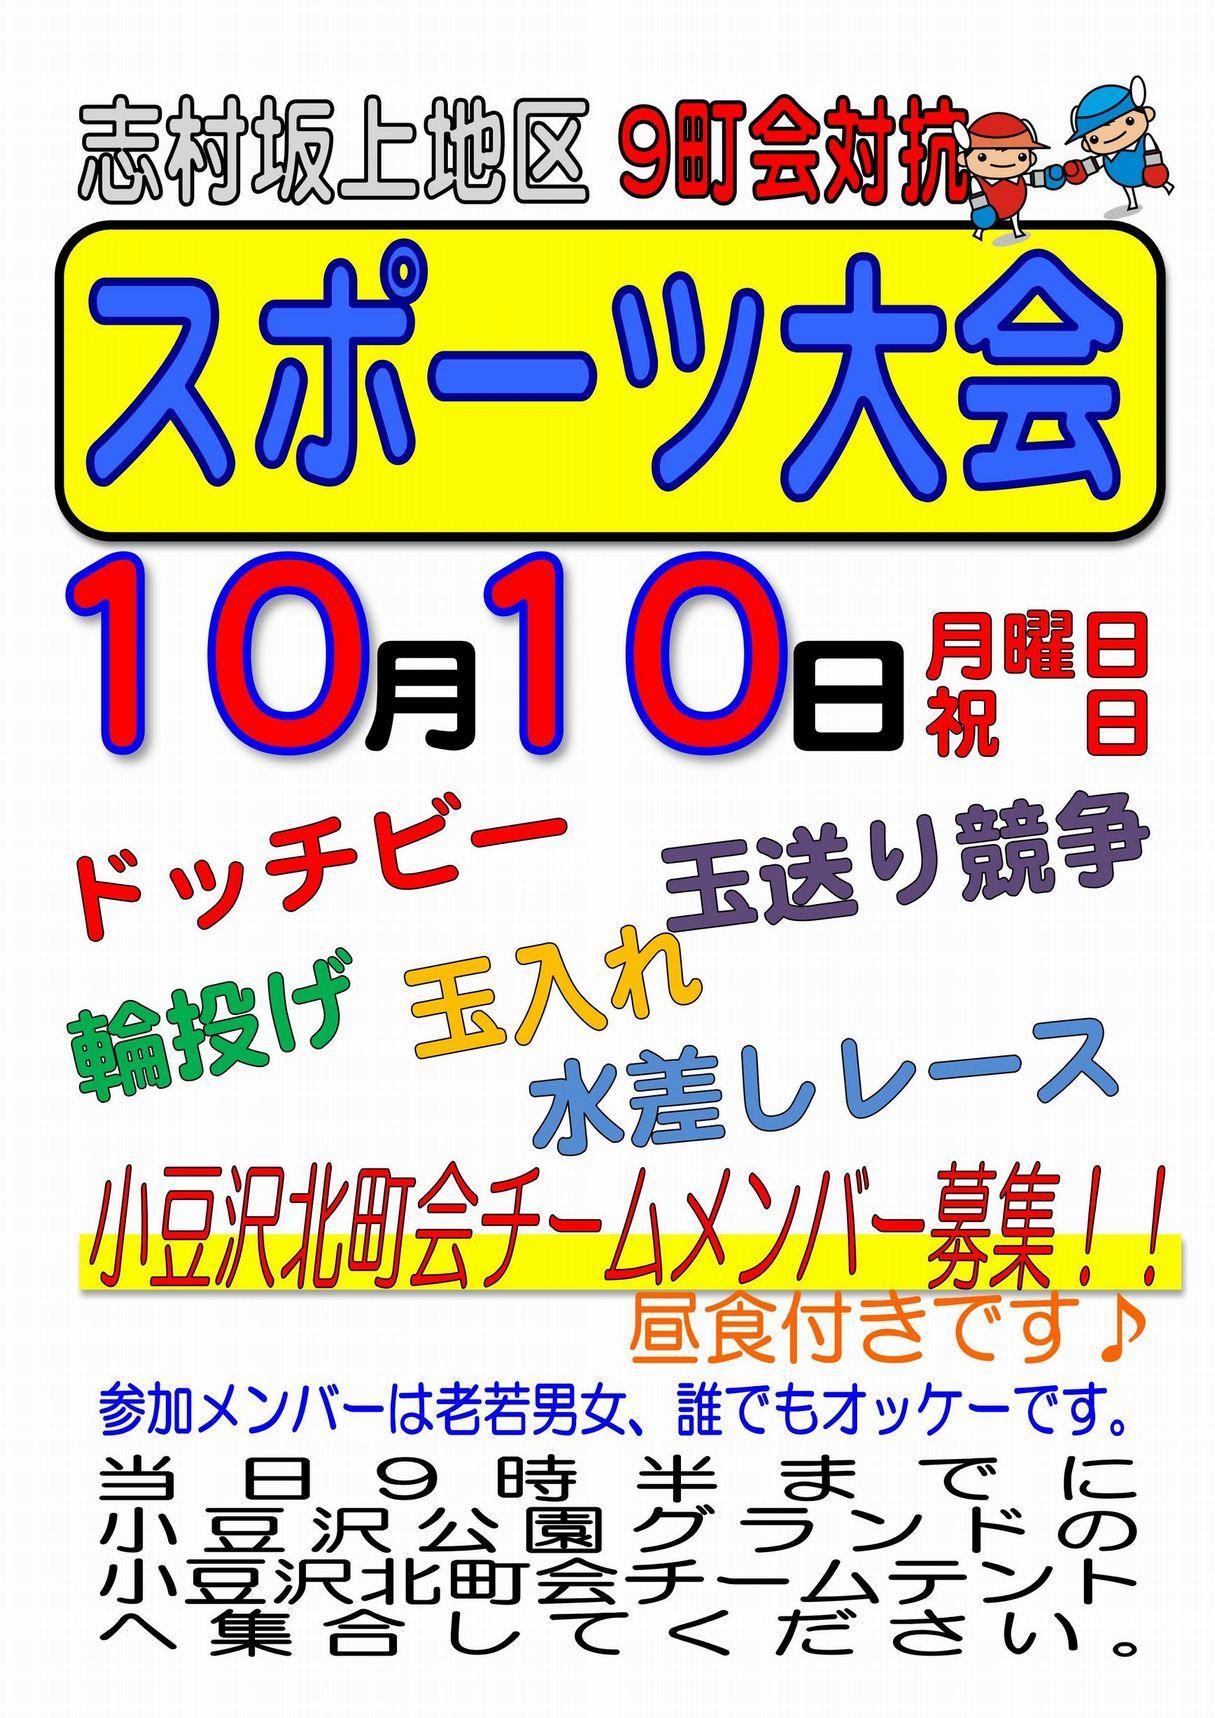 2011-10-10志村坂上地区スポーツ大会ポスター